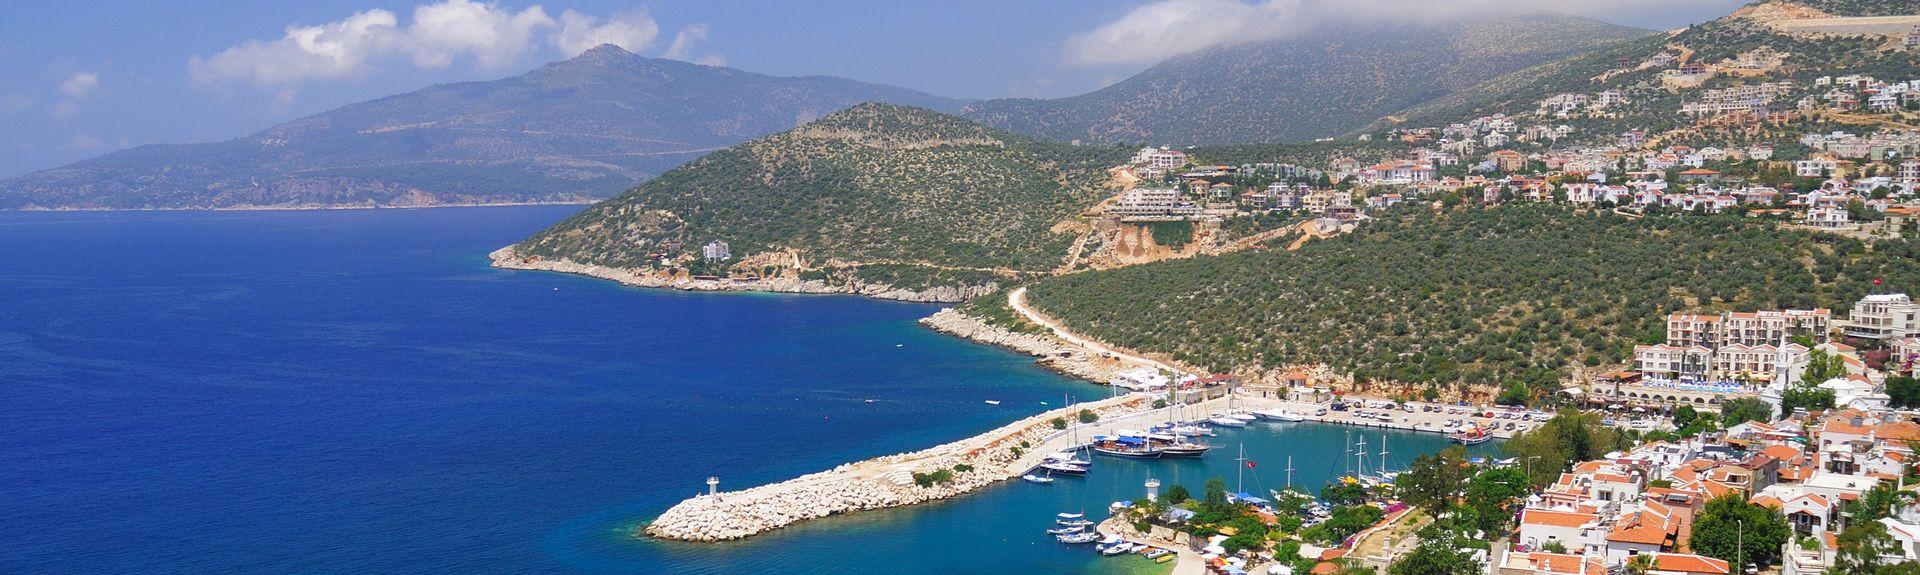 Kalkan, Kaş, Antalya (region), Turkey